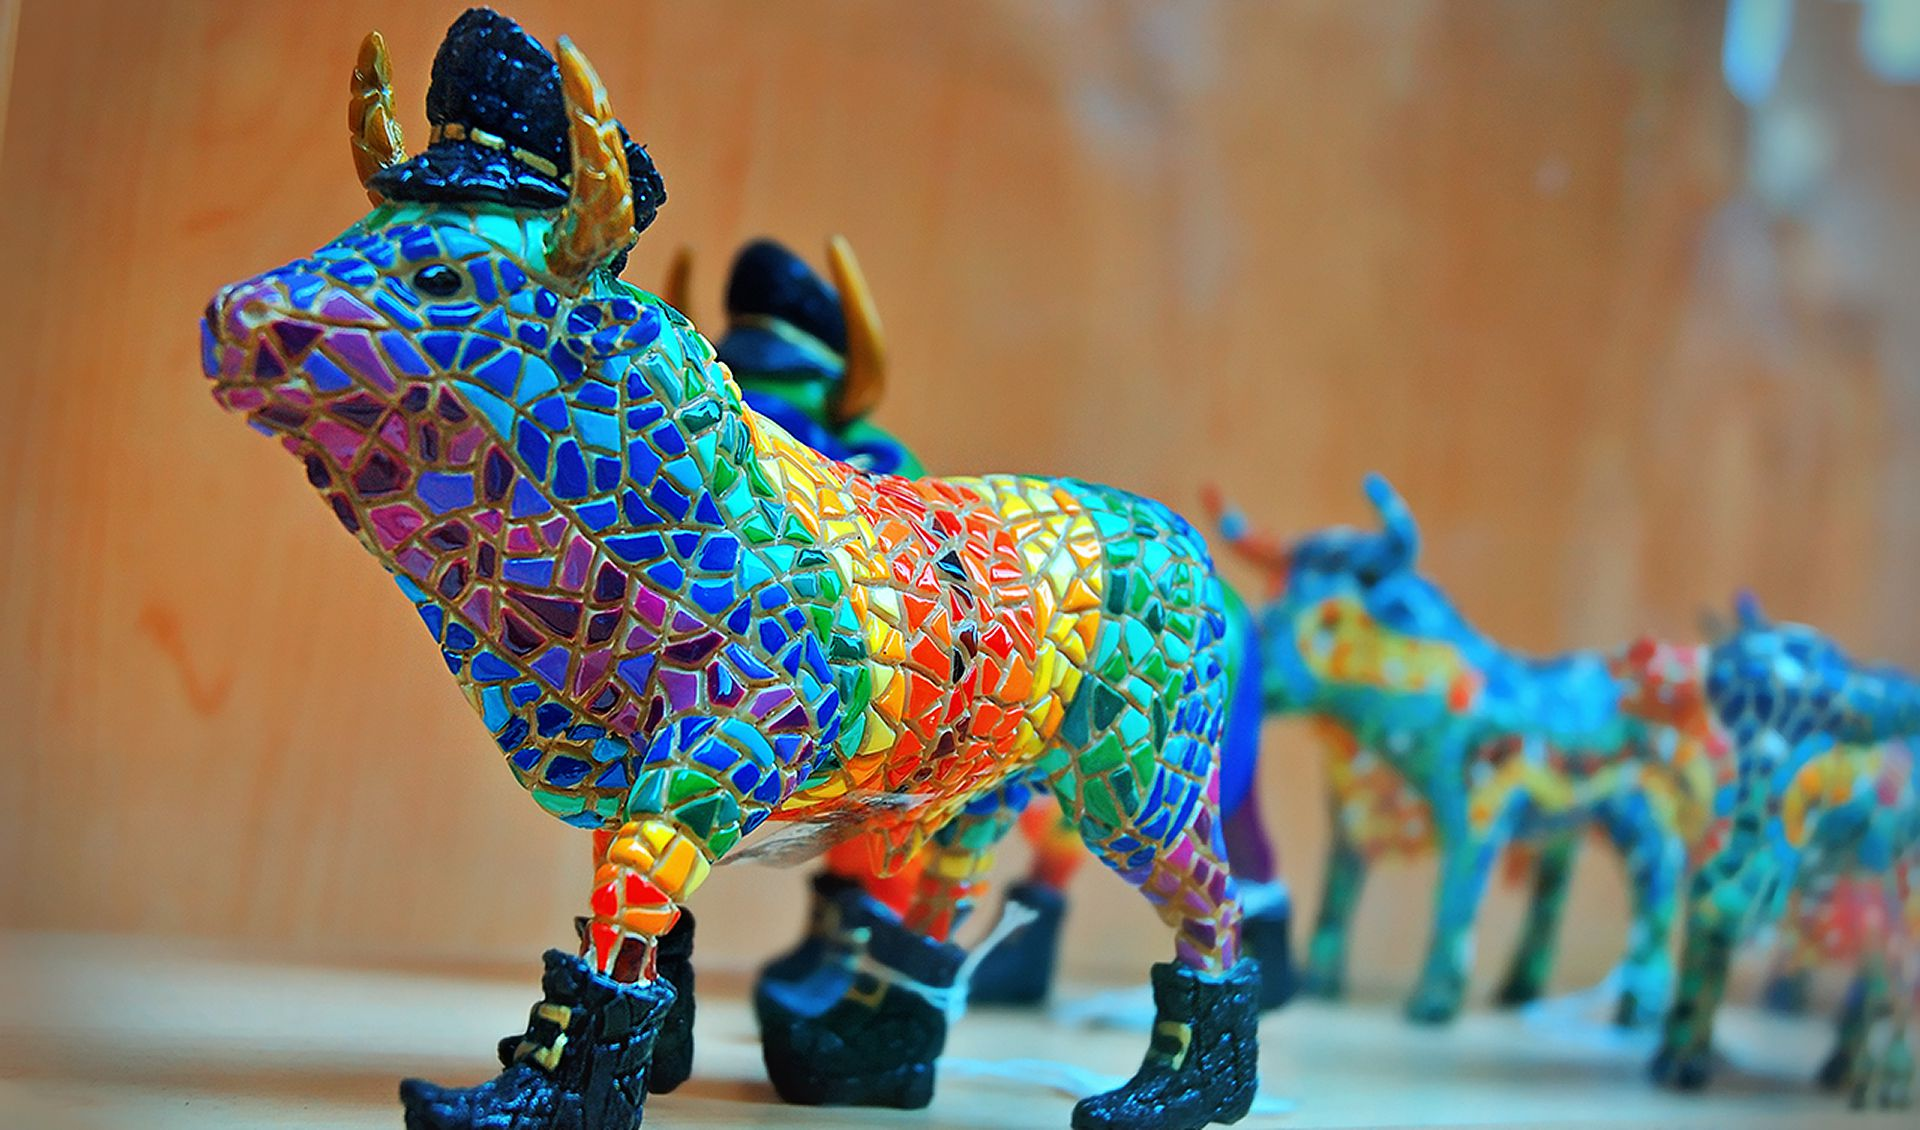 مجسمه های موزائیک کاری شده اسپانیا